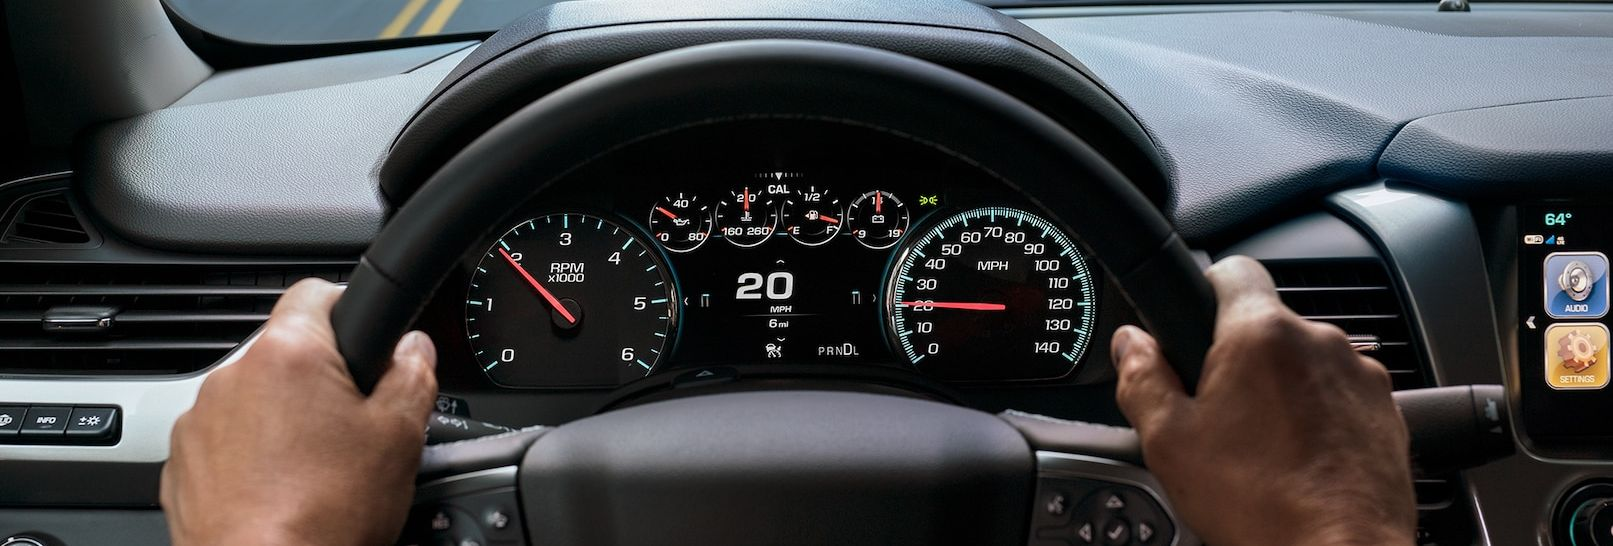 Steering Wheel and Display in the 2019 Tahoe